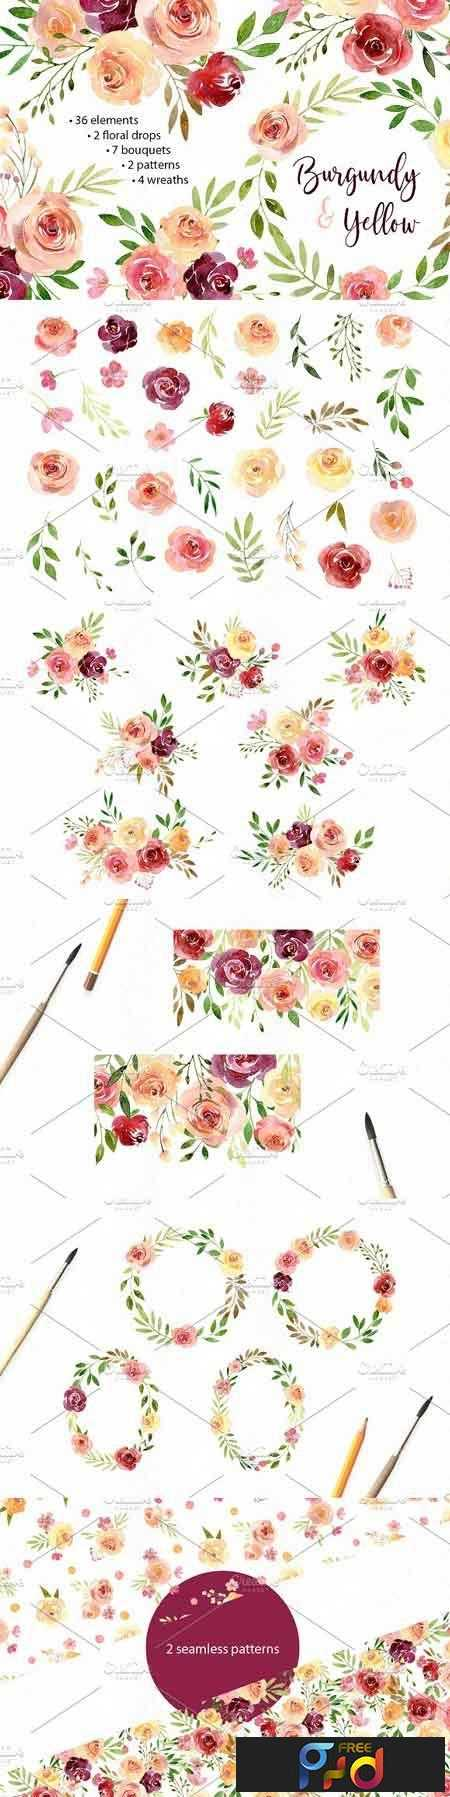 1807204 Watercolor Flowers Arrangements PNG 2583222 1